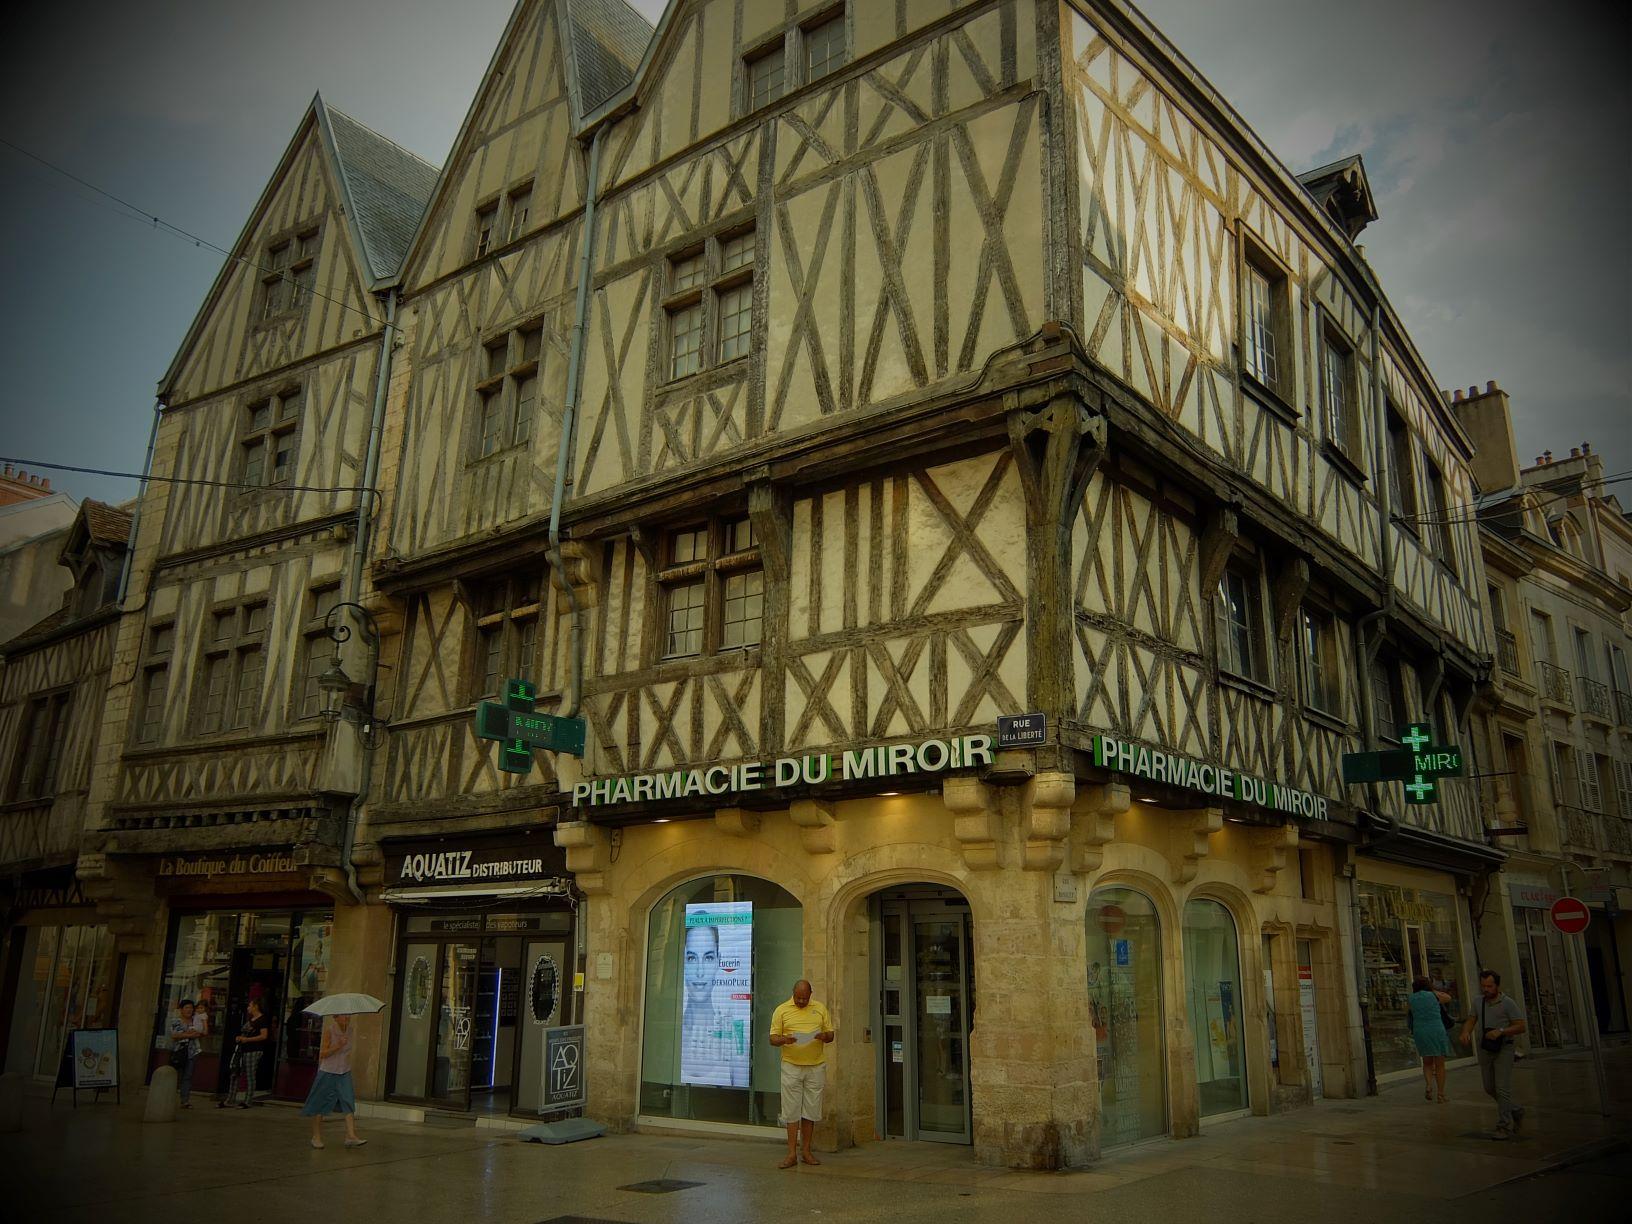 a facade of a Dijon pharmacy